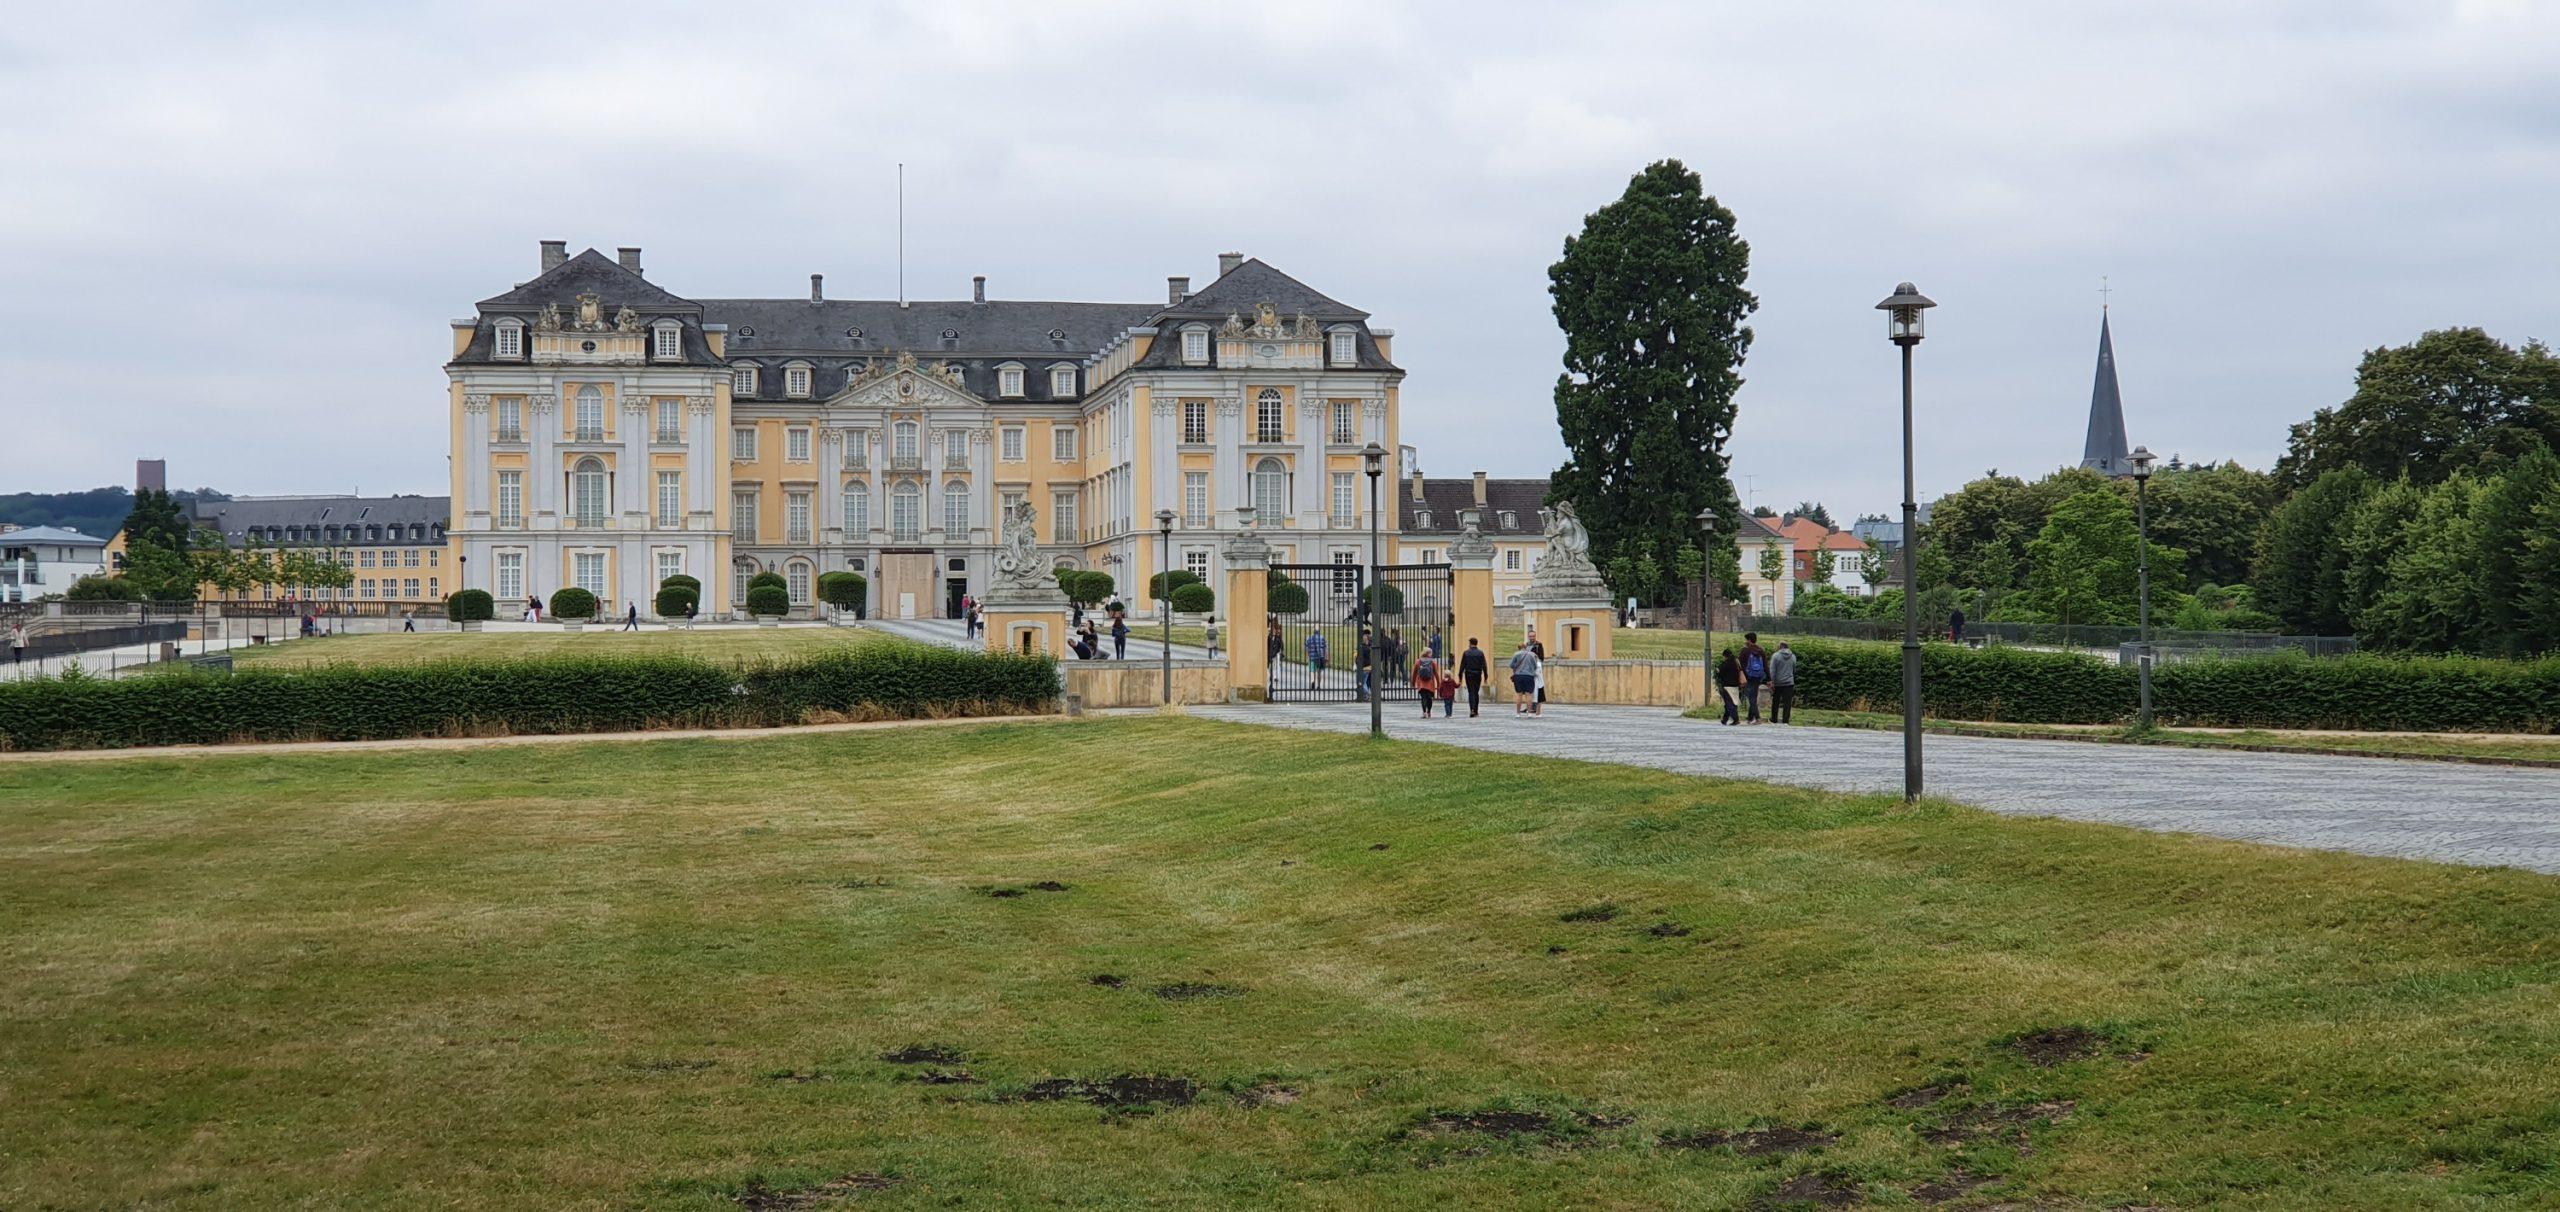 14 juillet : Châteaux d'Augustusburg et de Falkenlust